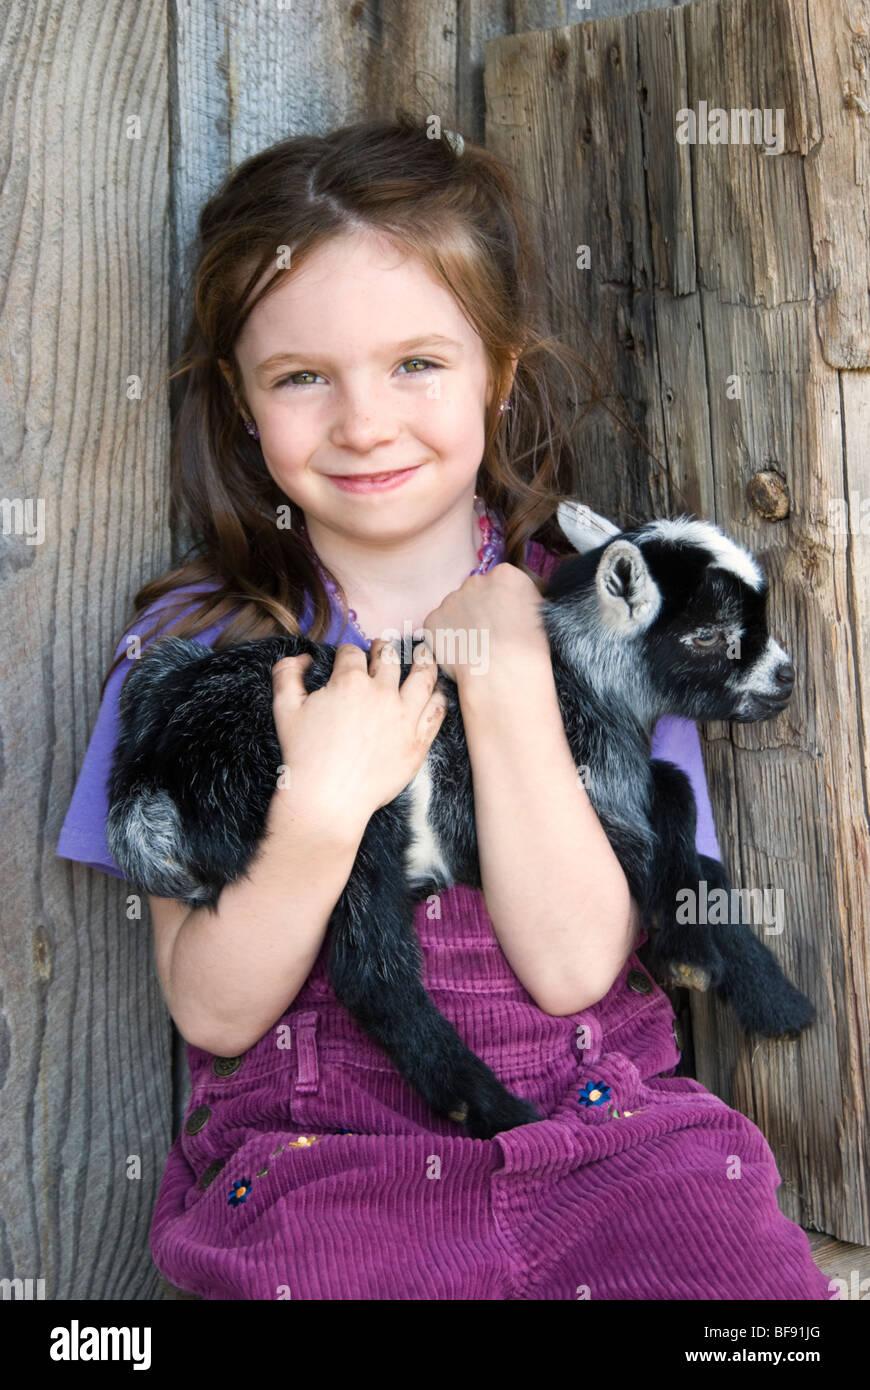 Carino azienda giovane ragazza con un neonato di capra. Immagini Stock